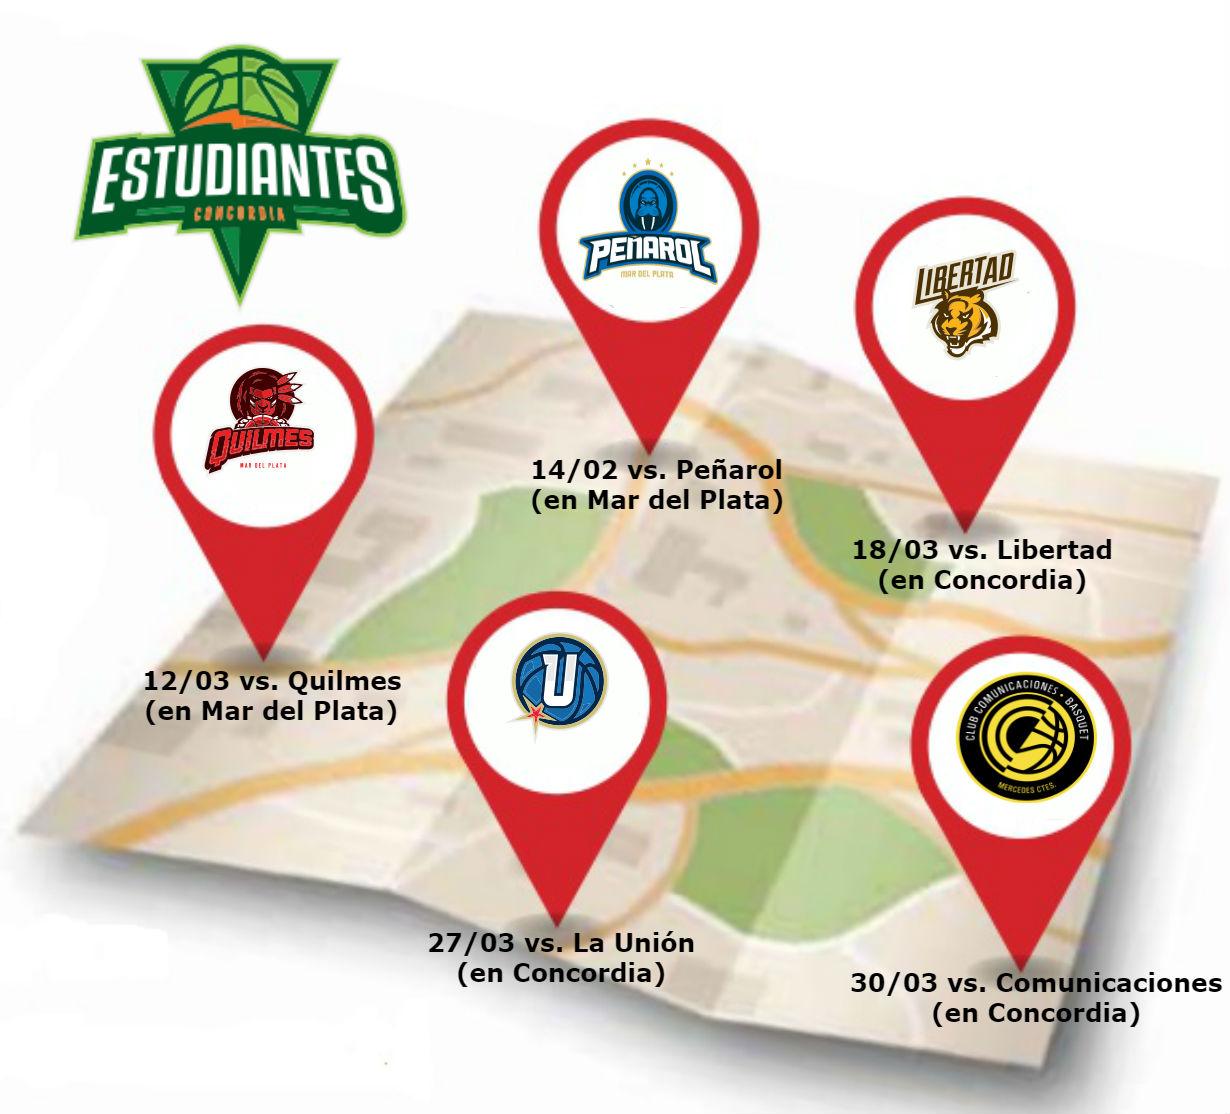 Los 5 juegos que vienen para Estudiantes Concordia (fuente: El Entre Ríos).